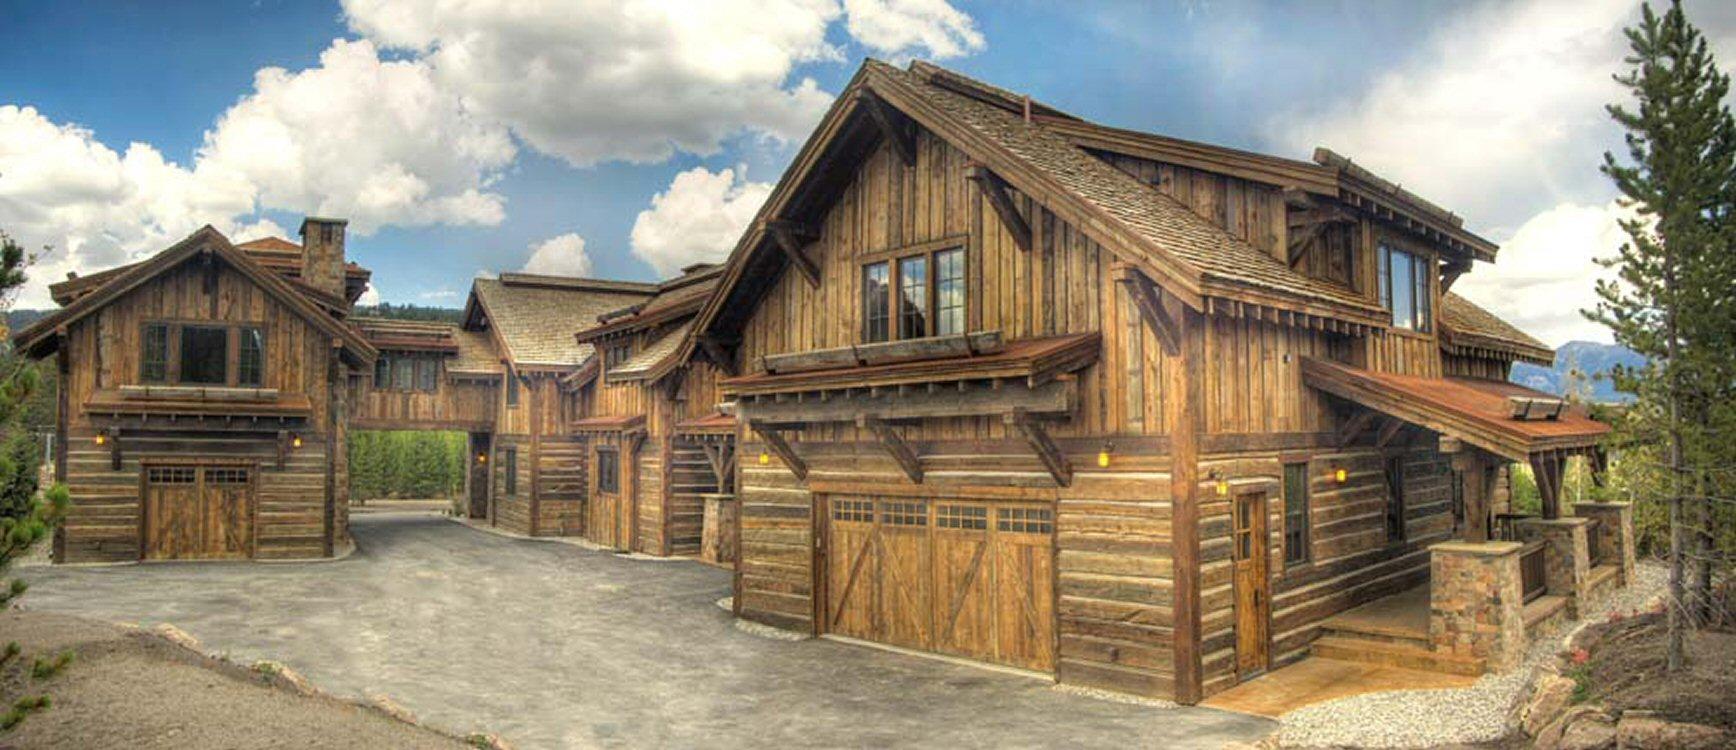 plan-west-design-firm-_-exteriors-115